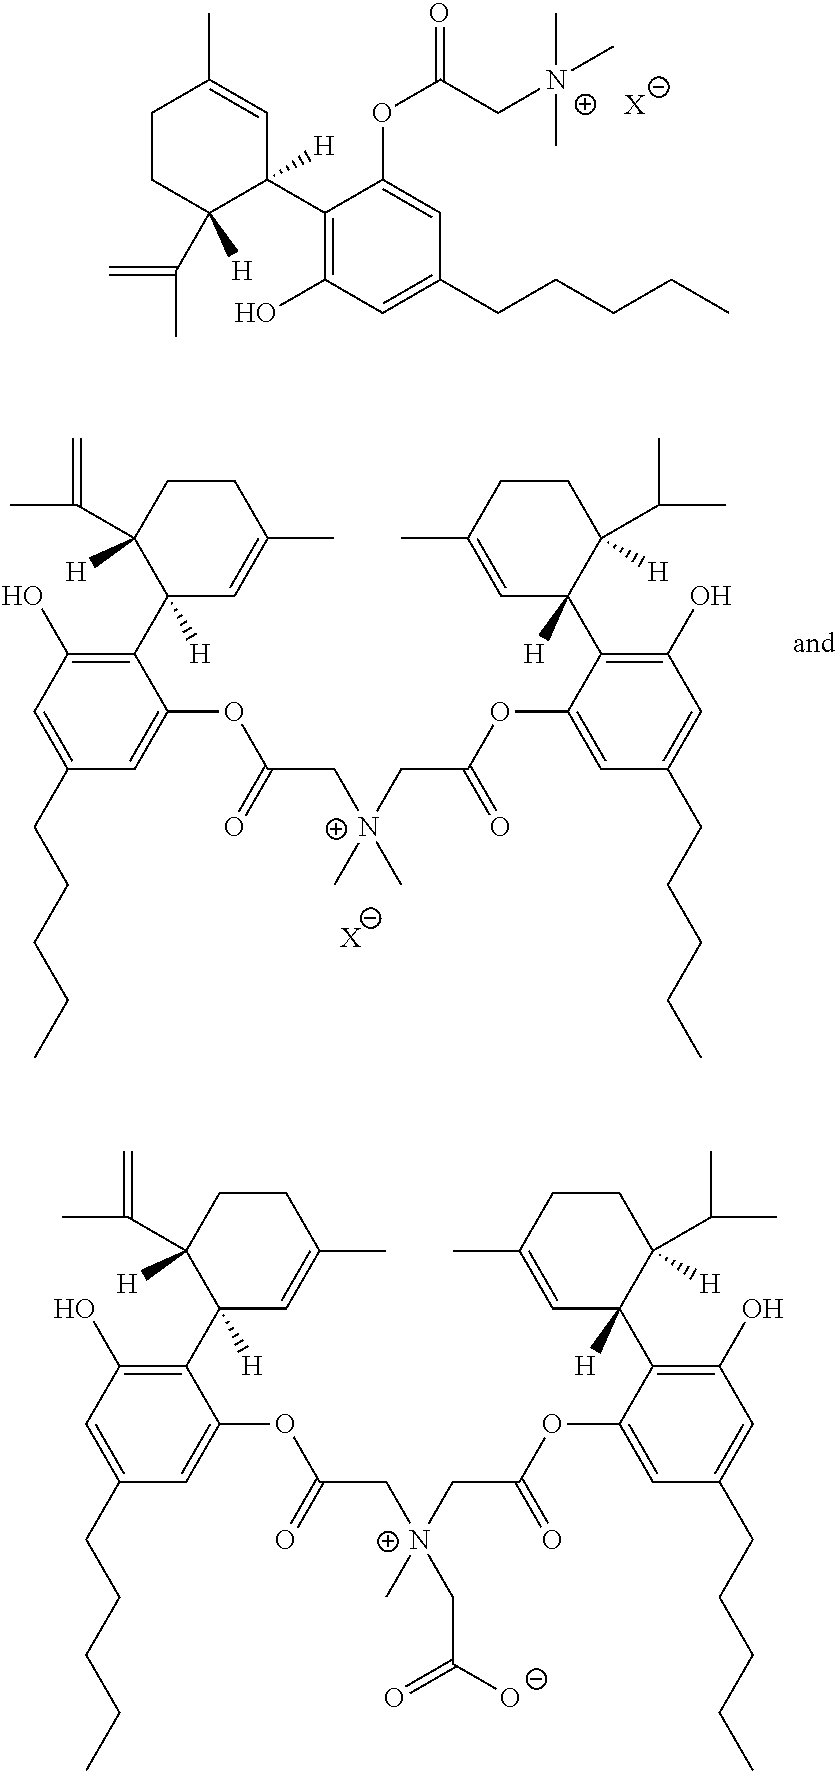 Figure US20110052694A1-20110303-C00008